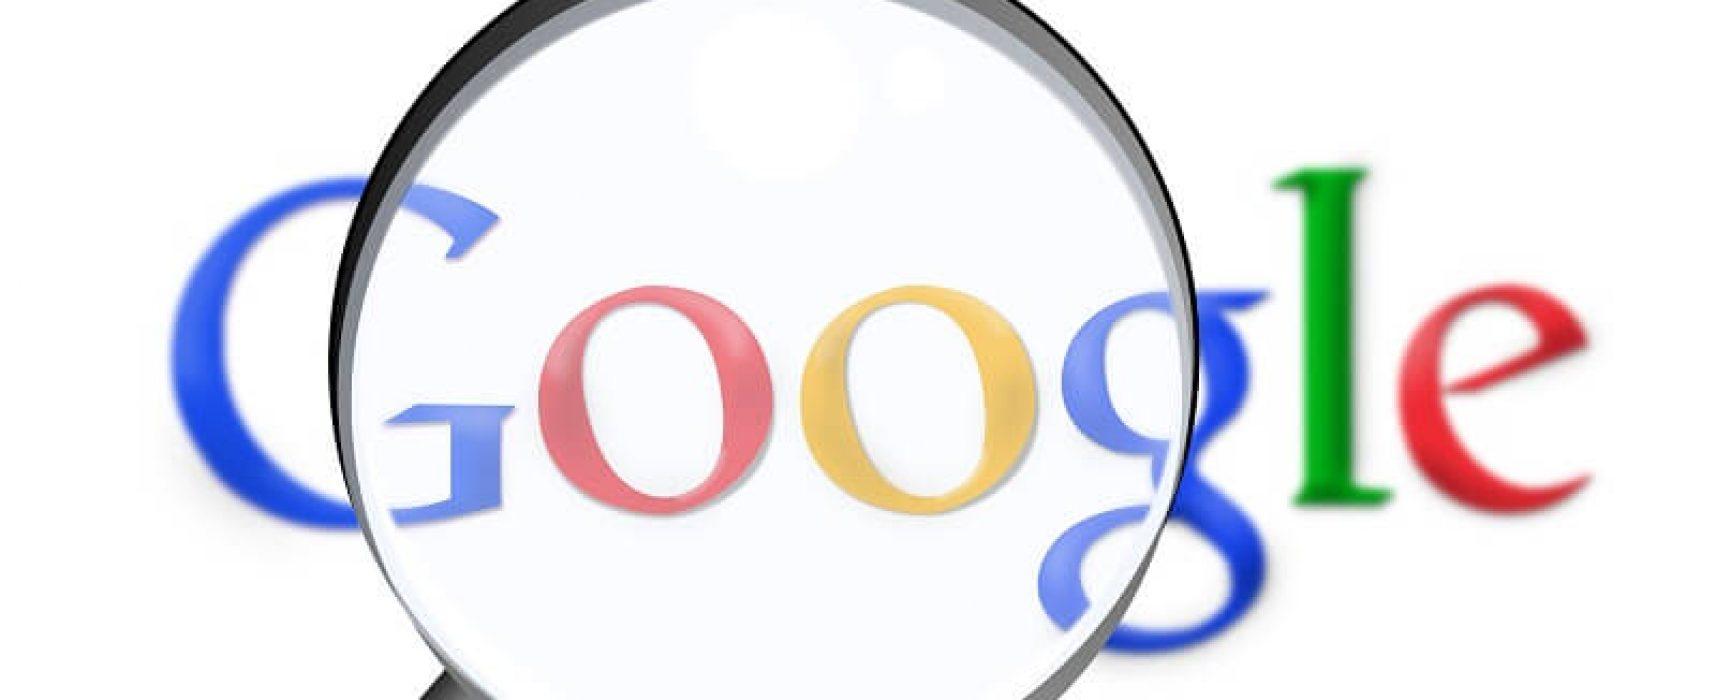 Несвободен Google: как да получим независим резултат при търсене в интернет